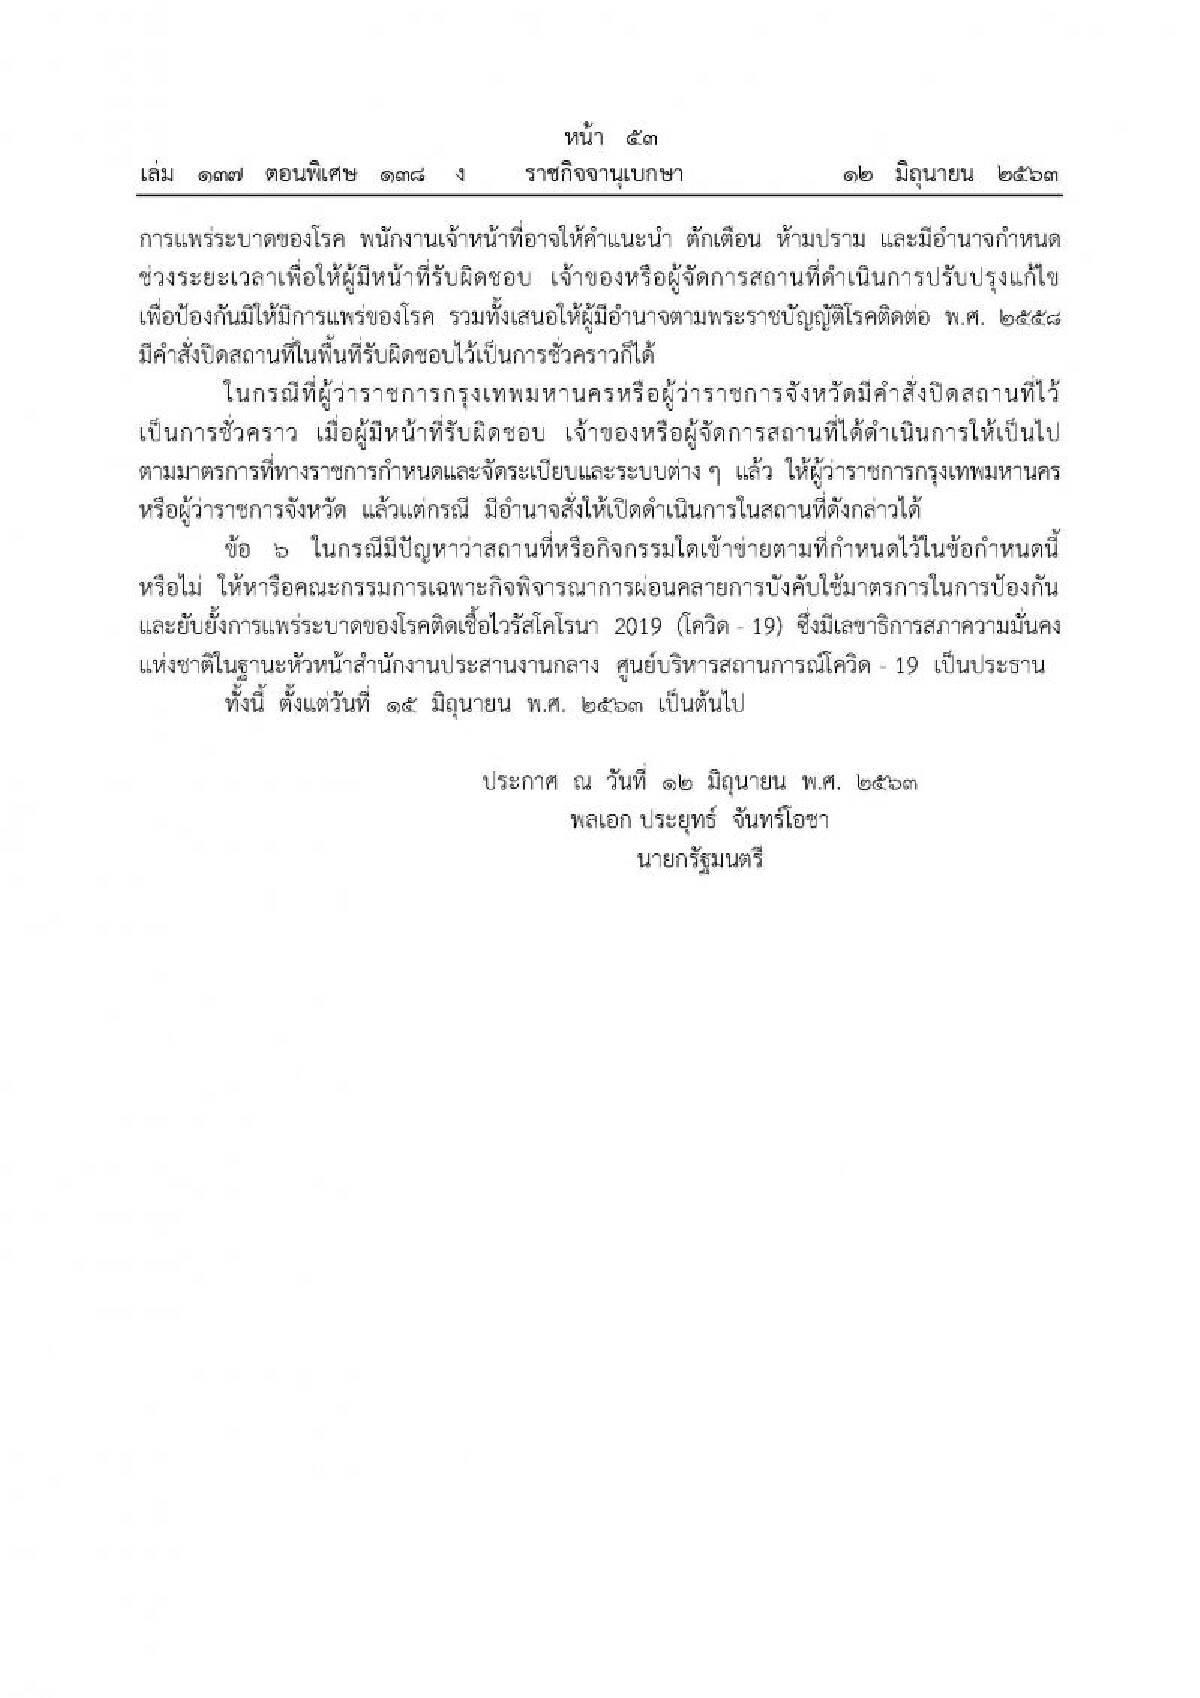 ข้อกำหนด ออกตามความในมาตรา 9 แห่งพระราชกำหนดการบริหารราชการในสถานการณ์ฉุกเฉิน พ.ศ. 2548 (ฉบับที่ 10 )